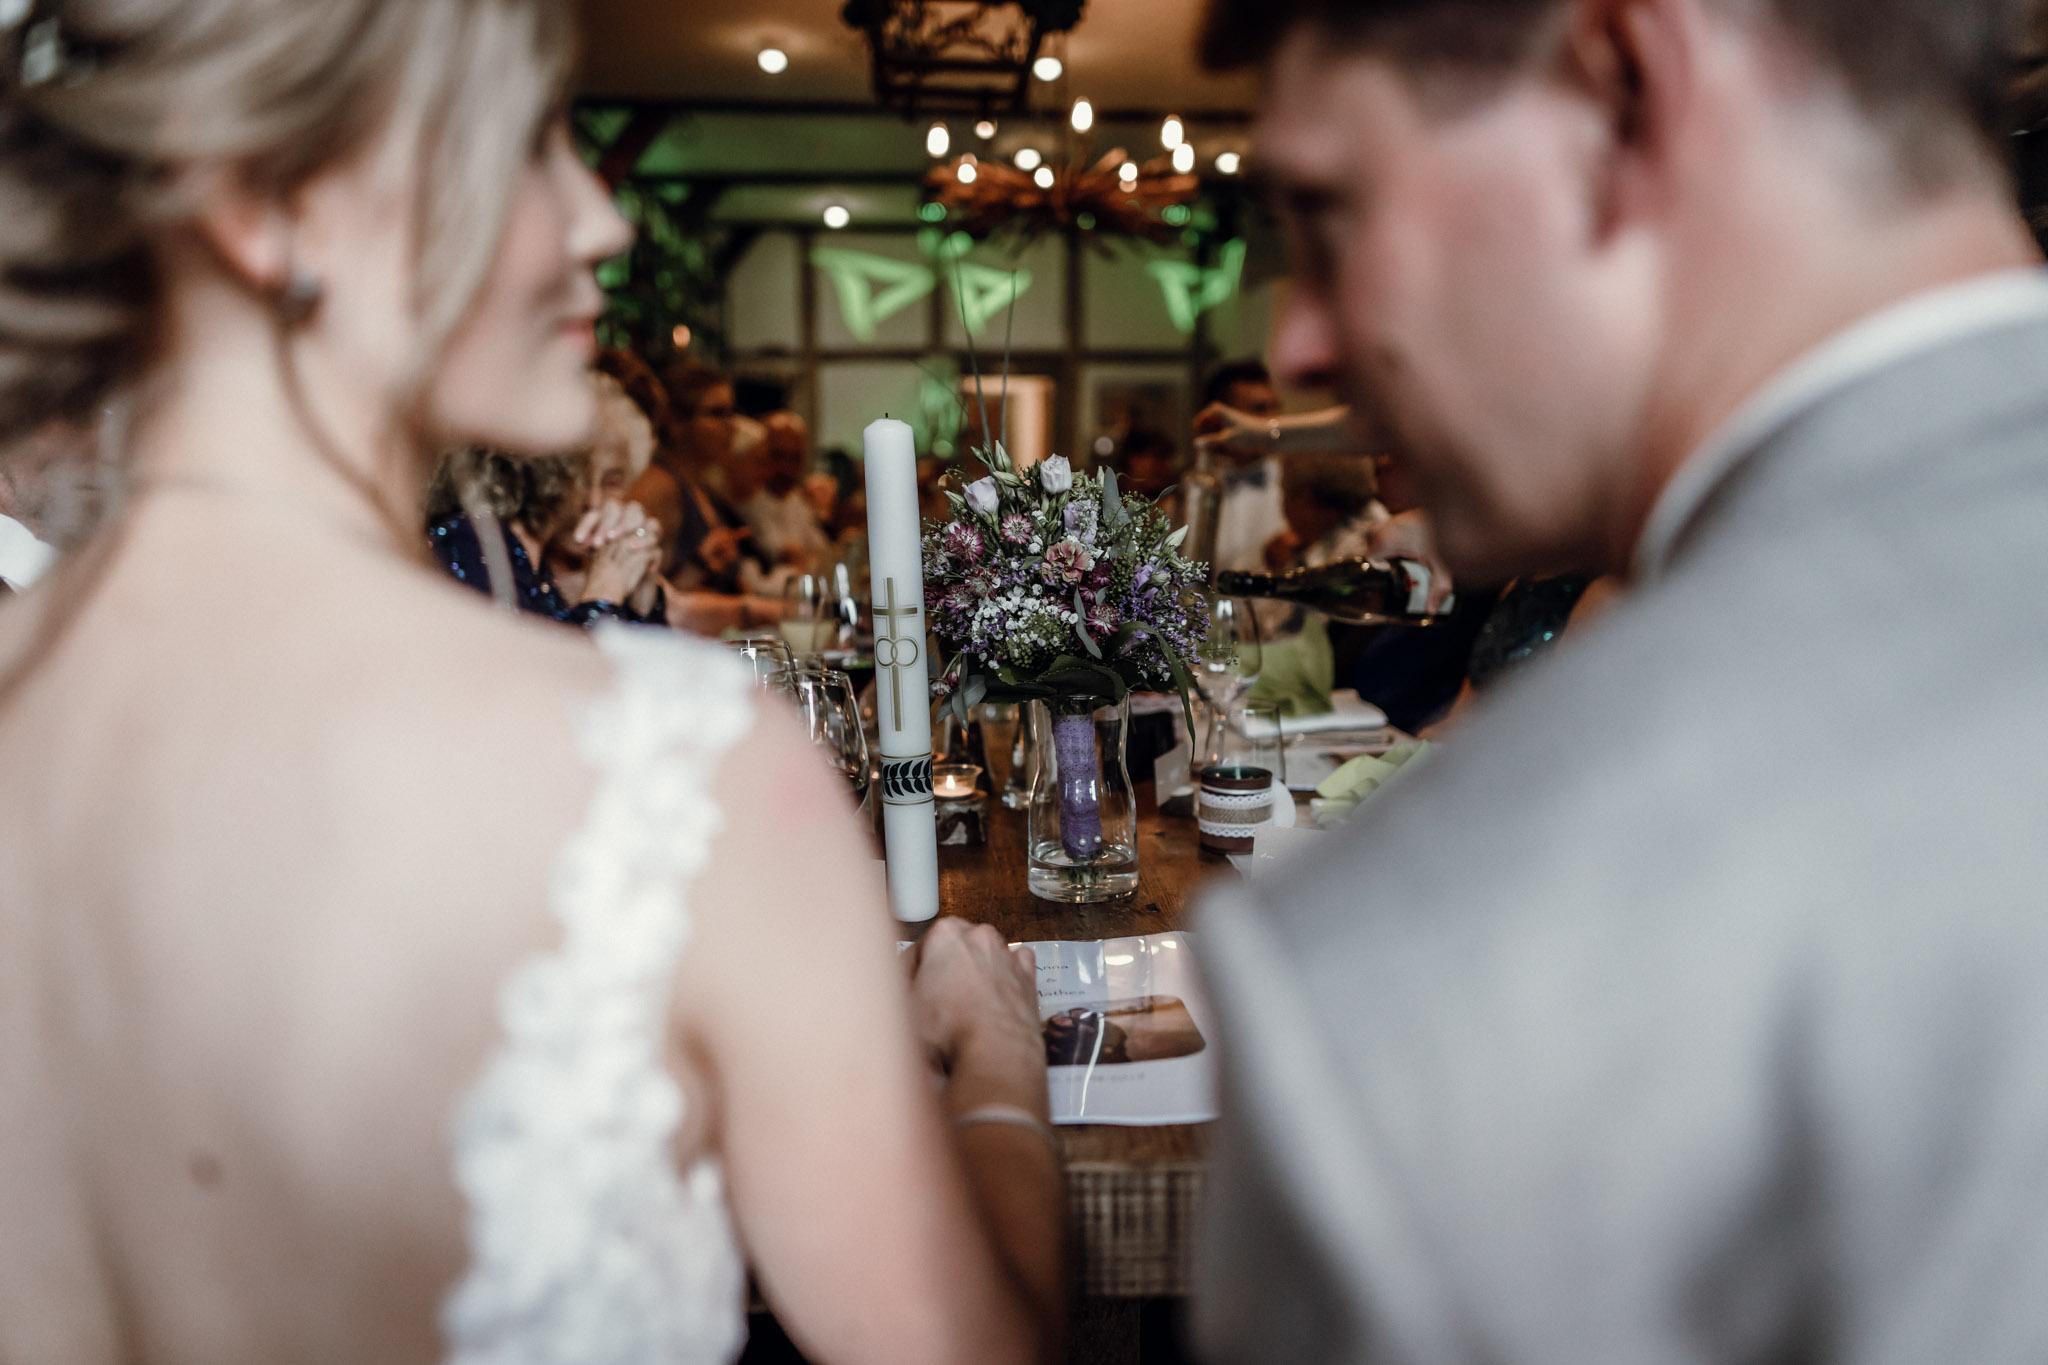 Sven Schomburg Hochzeitsfotografie, Hamburg, Mölln, Hochzeitsfieber by Photo-Schomburg, Hochzeitsreportage, Forsthaus Waldhusen, Braut, Bräutigam-80